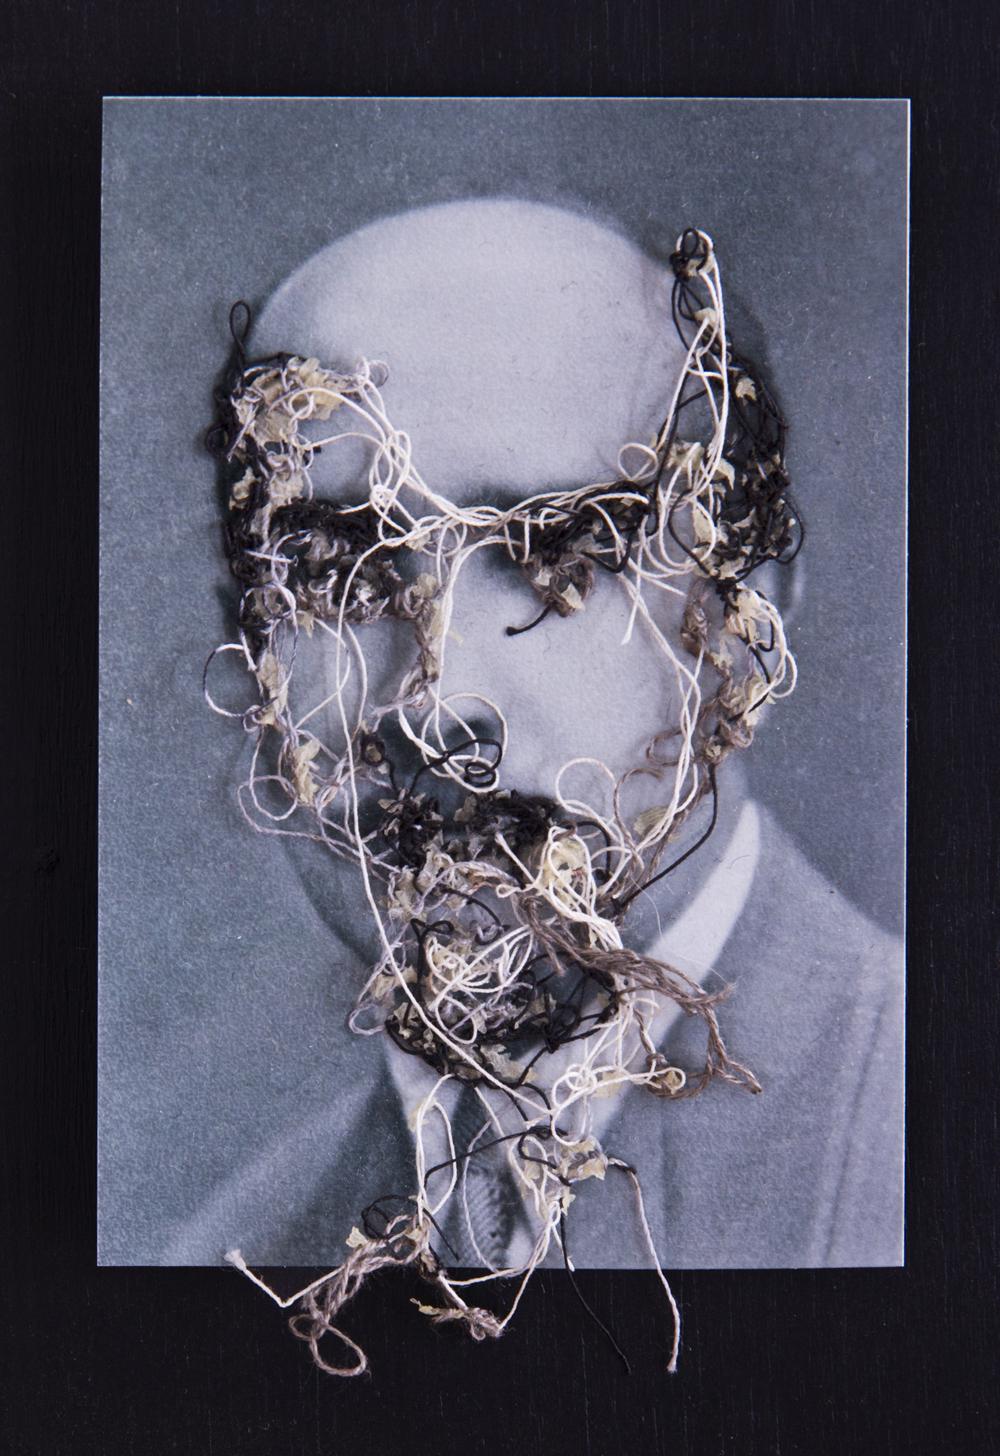 Abuelo Catá A flor de piel, 06. 10x15 cm. Fotografía, hilo y piel. 2012